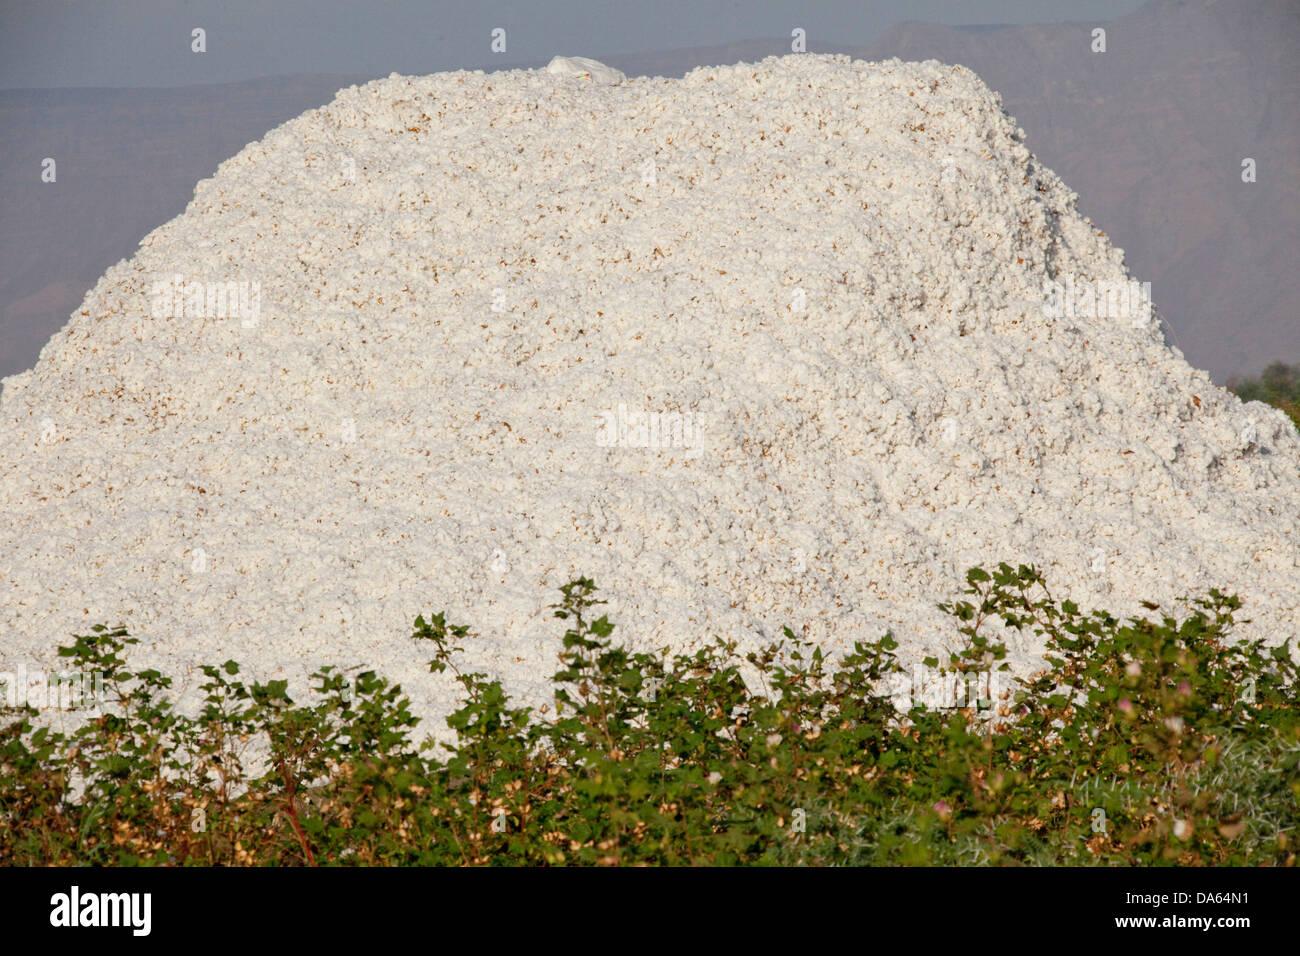 Baumwolle, Ernte, Ernte, Afrika, Landwirtschaft, Äthiopien, Stockbild